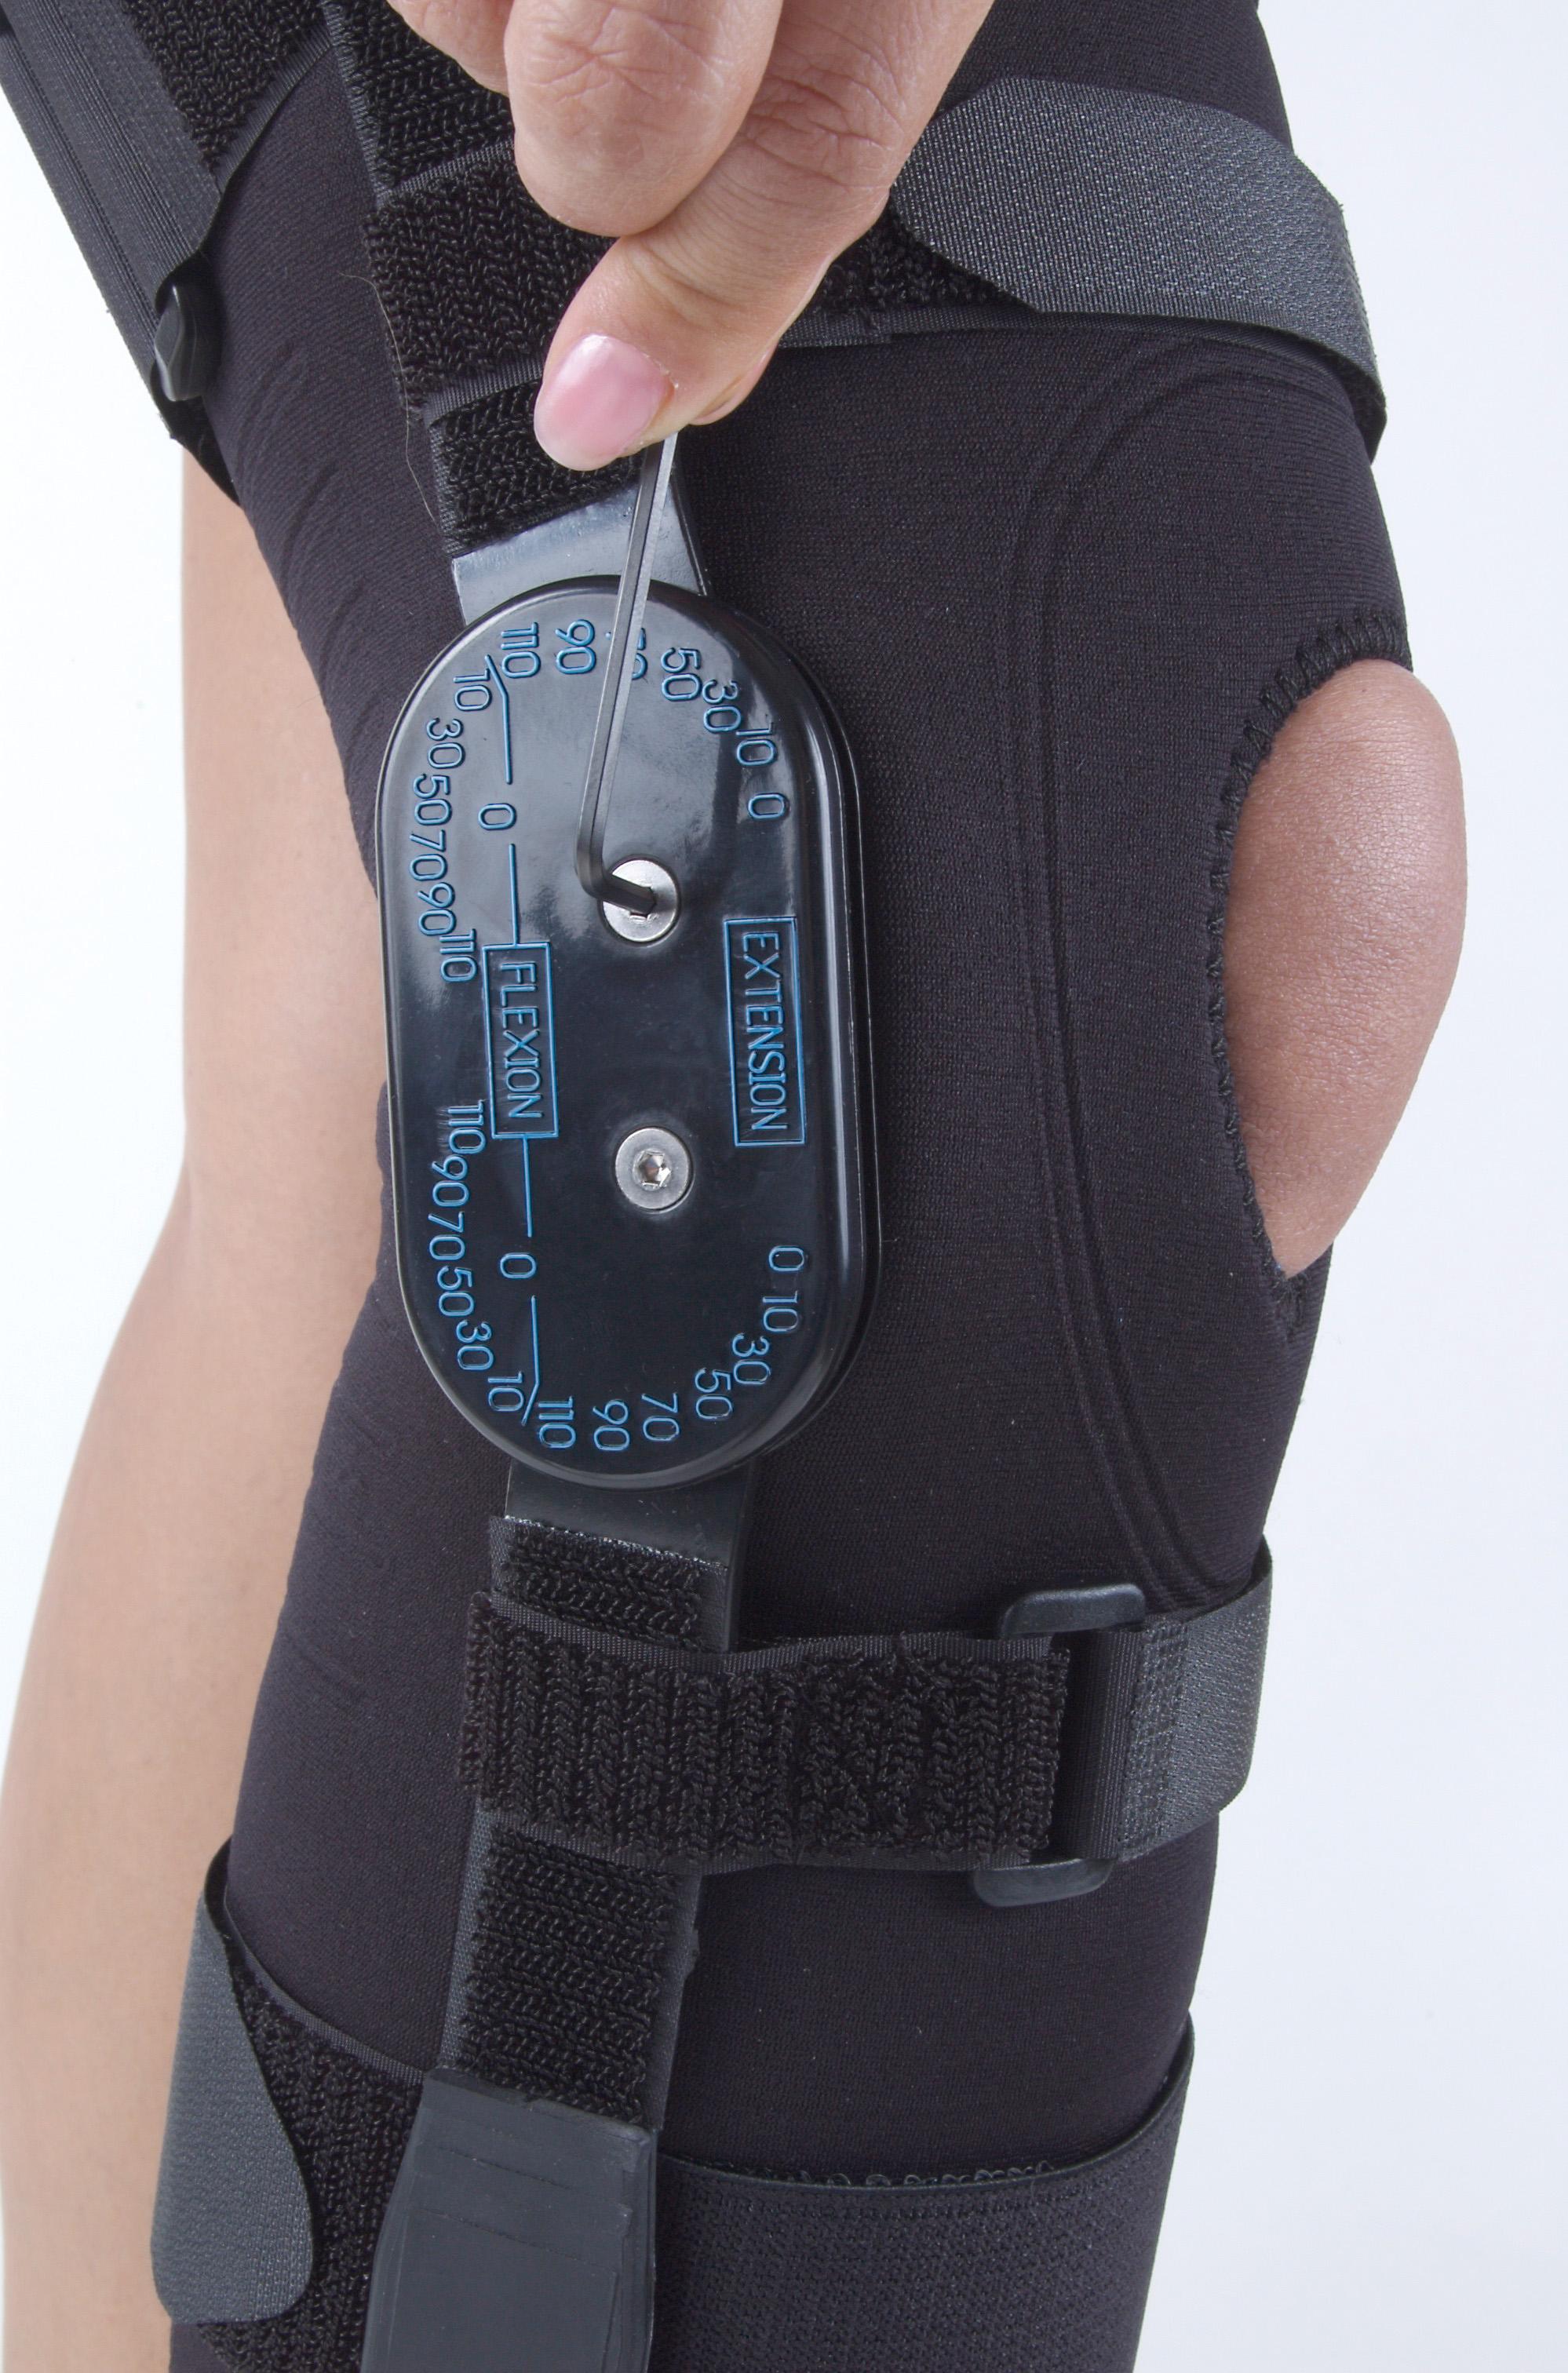 form-fit-multi-functional-knee-brace-blk-md-503155blk-ossur-os378604-2.jpg